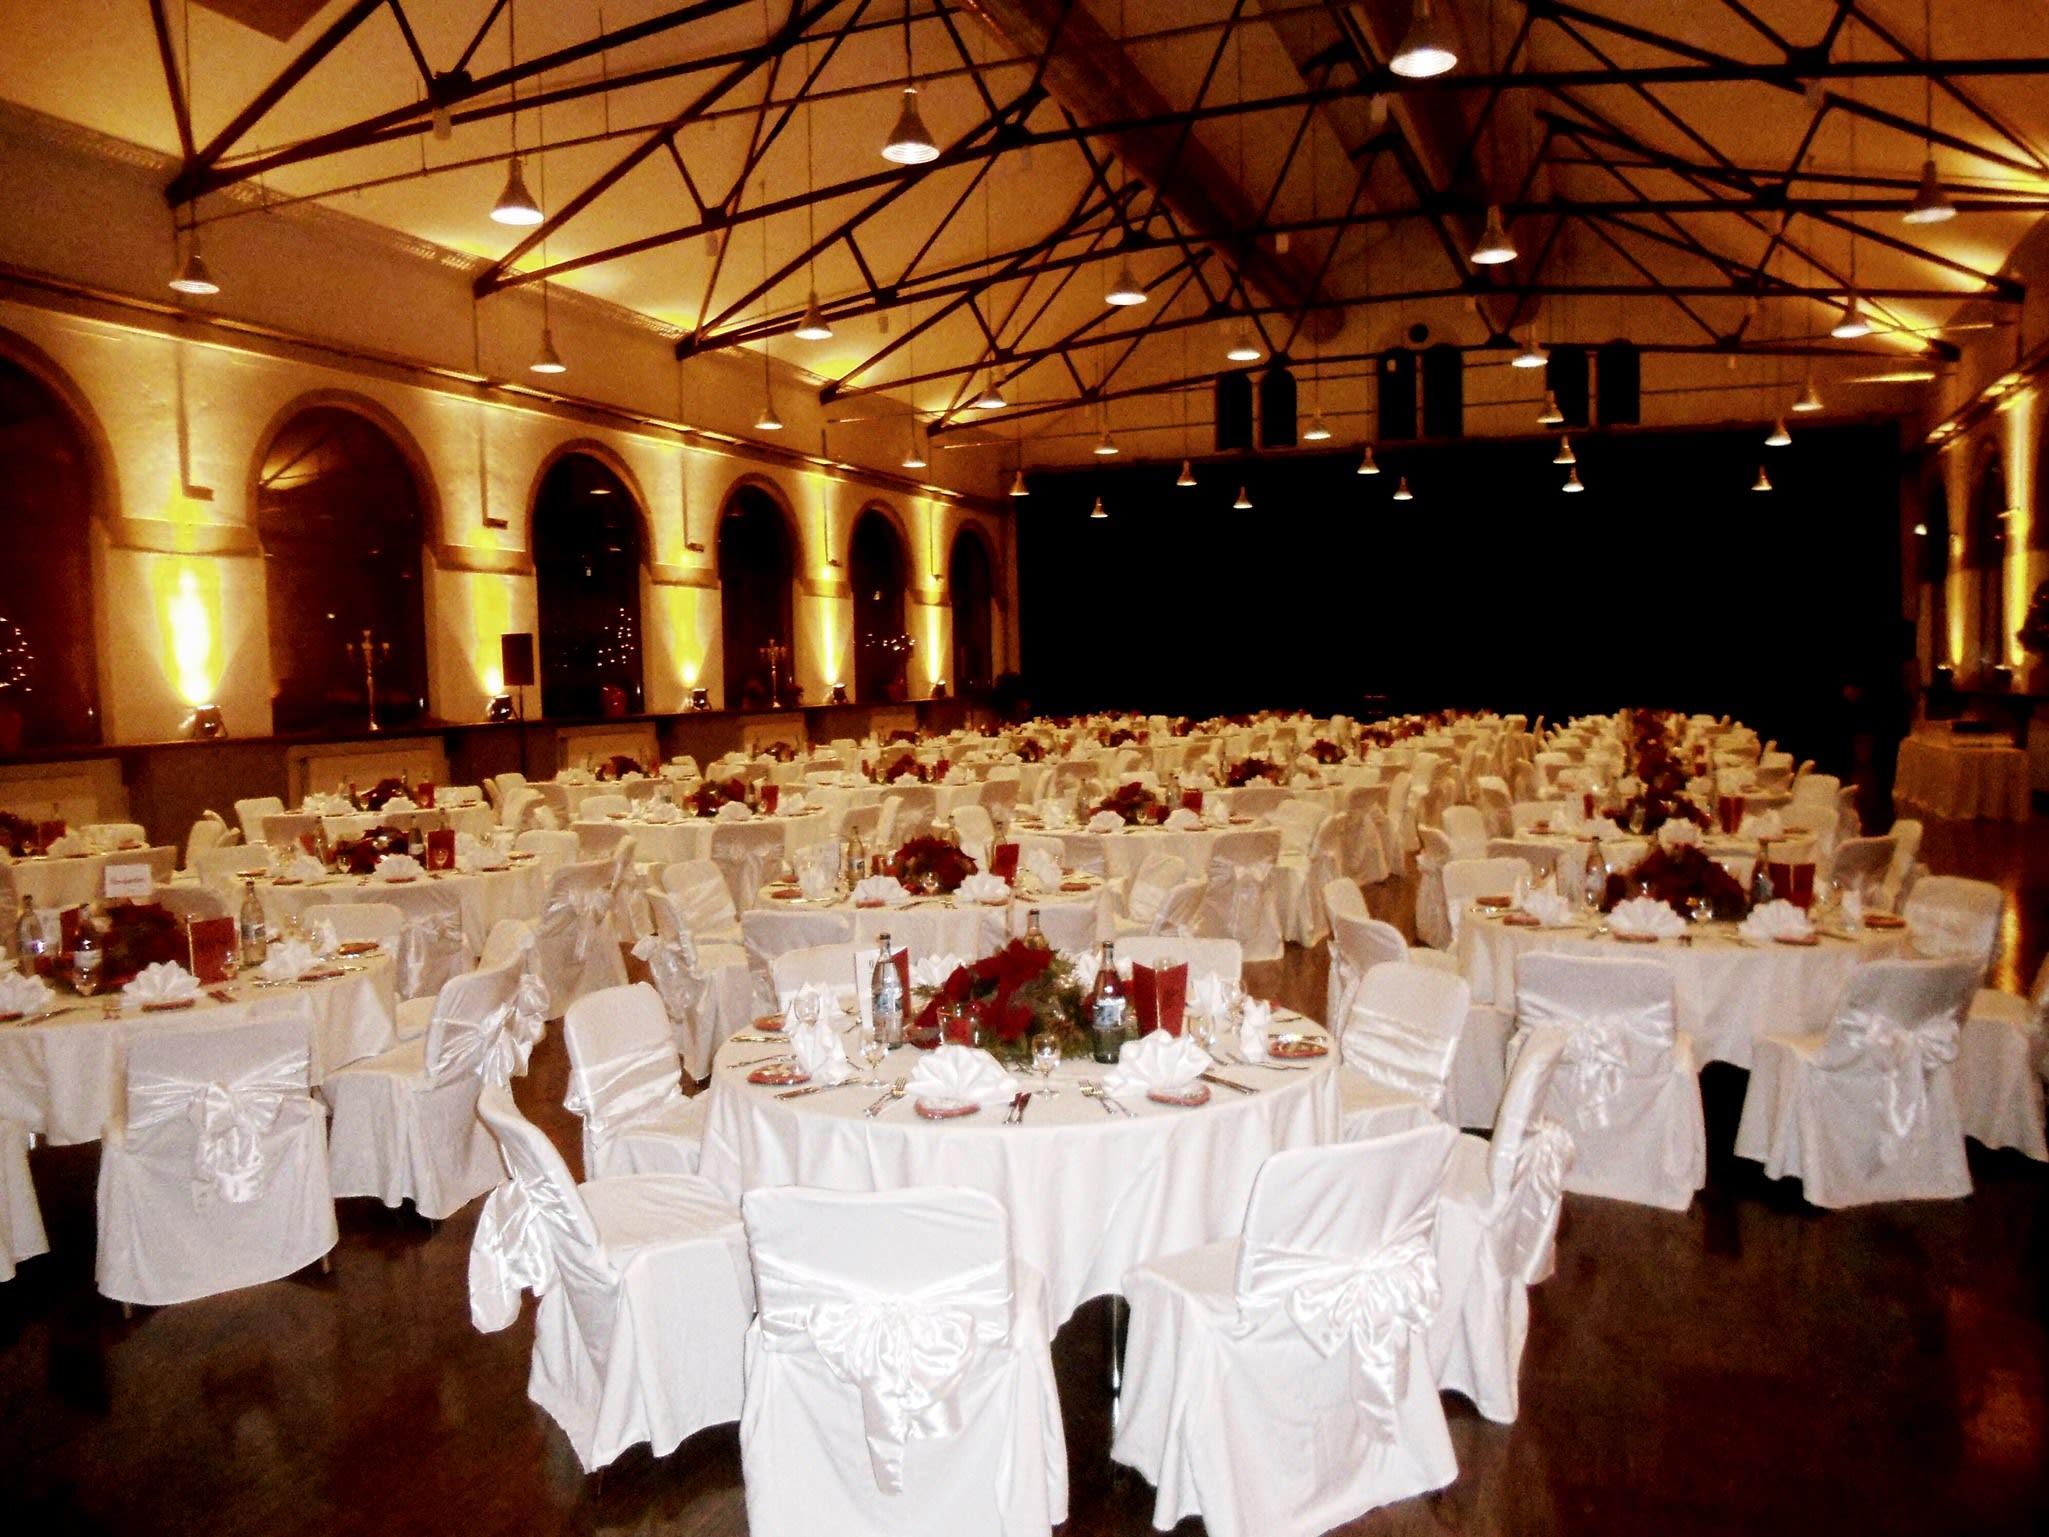 Location großer Raum mit vielen runden Tischen